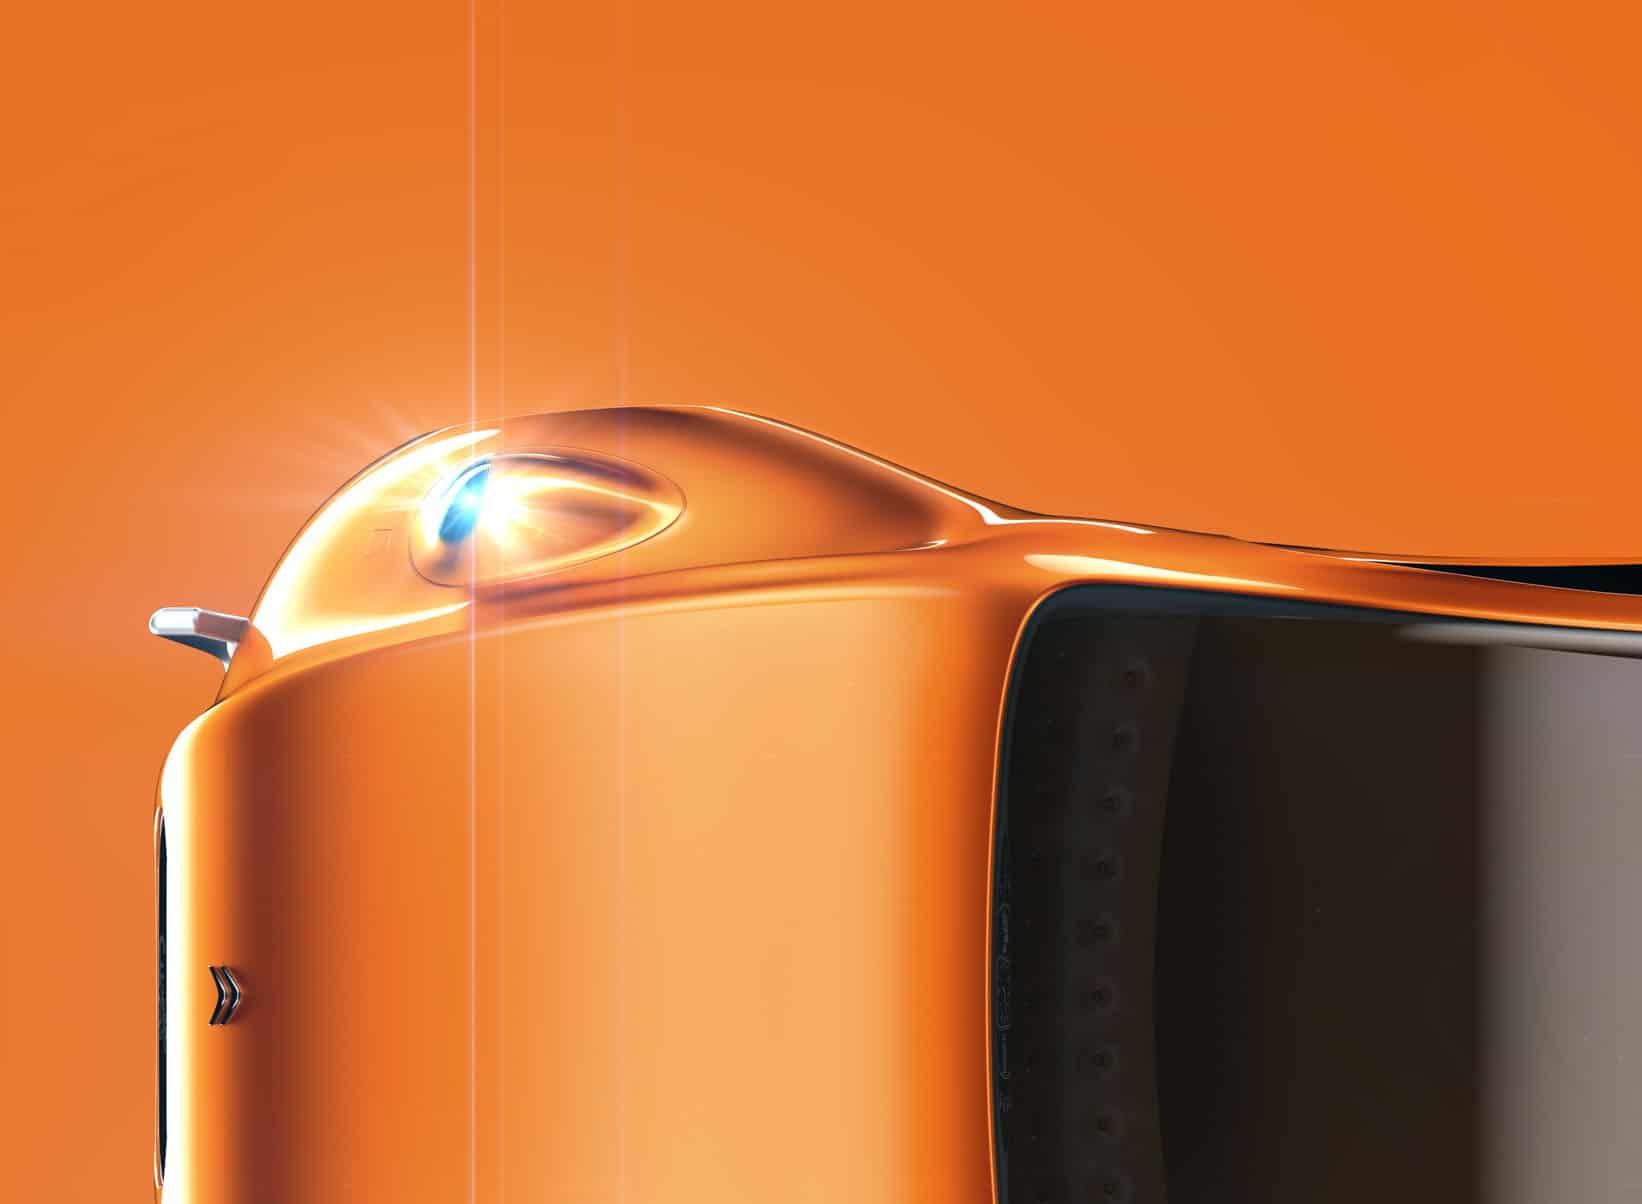 Citroen eCV concept car